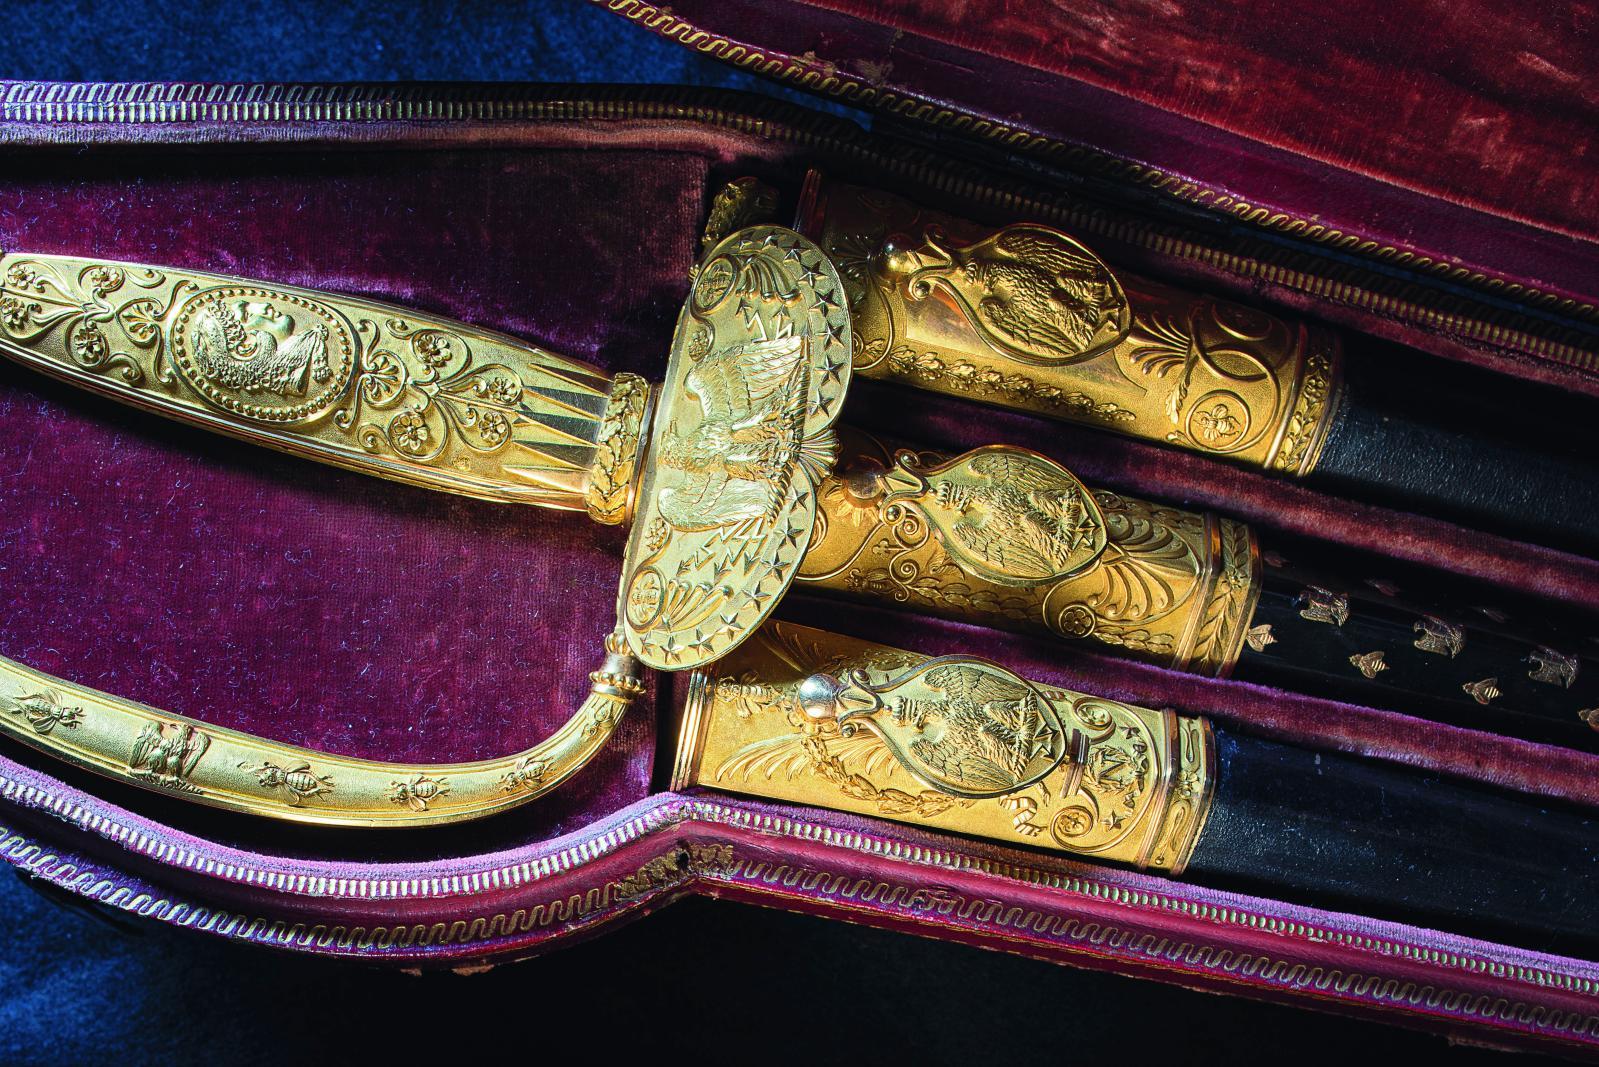 Martin et Guillaume Biennais, l'épée de l'Empereur et ses trois fourreaux dans leur étui en maroquin, 1806, or, acier doré et bleui, écaille (détail).